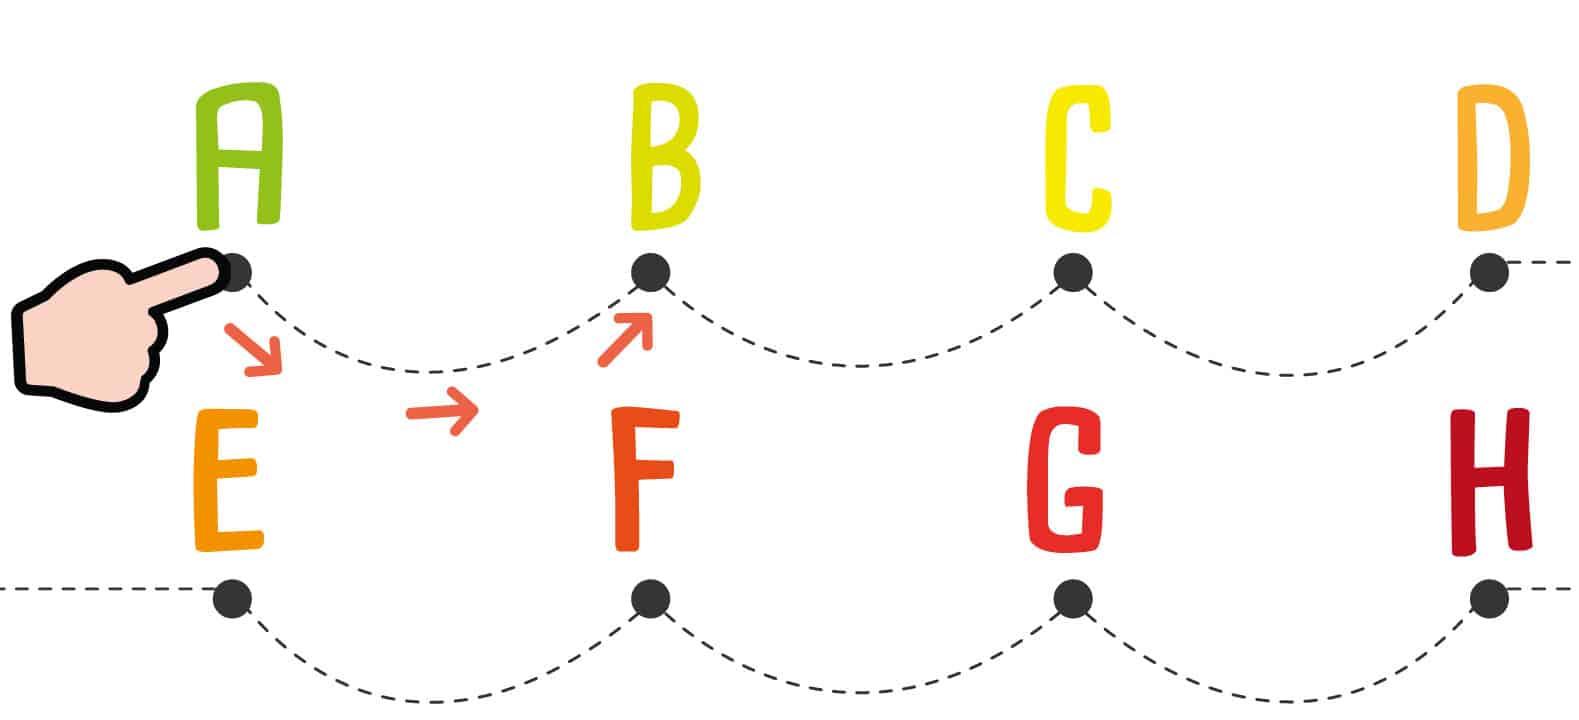 Apprendre L'alphabet Sur Le Bout Des Doigts - Kit Pour Enfants intérieur Apprendre Les Lettres De L Alphabet